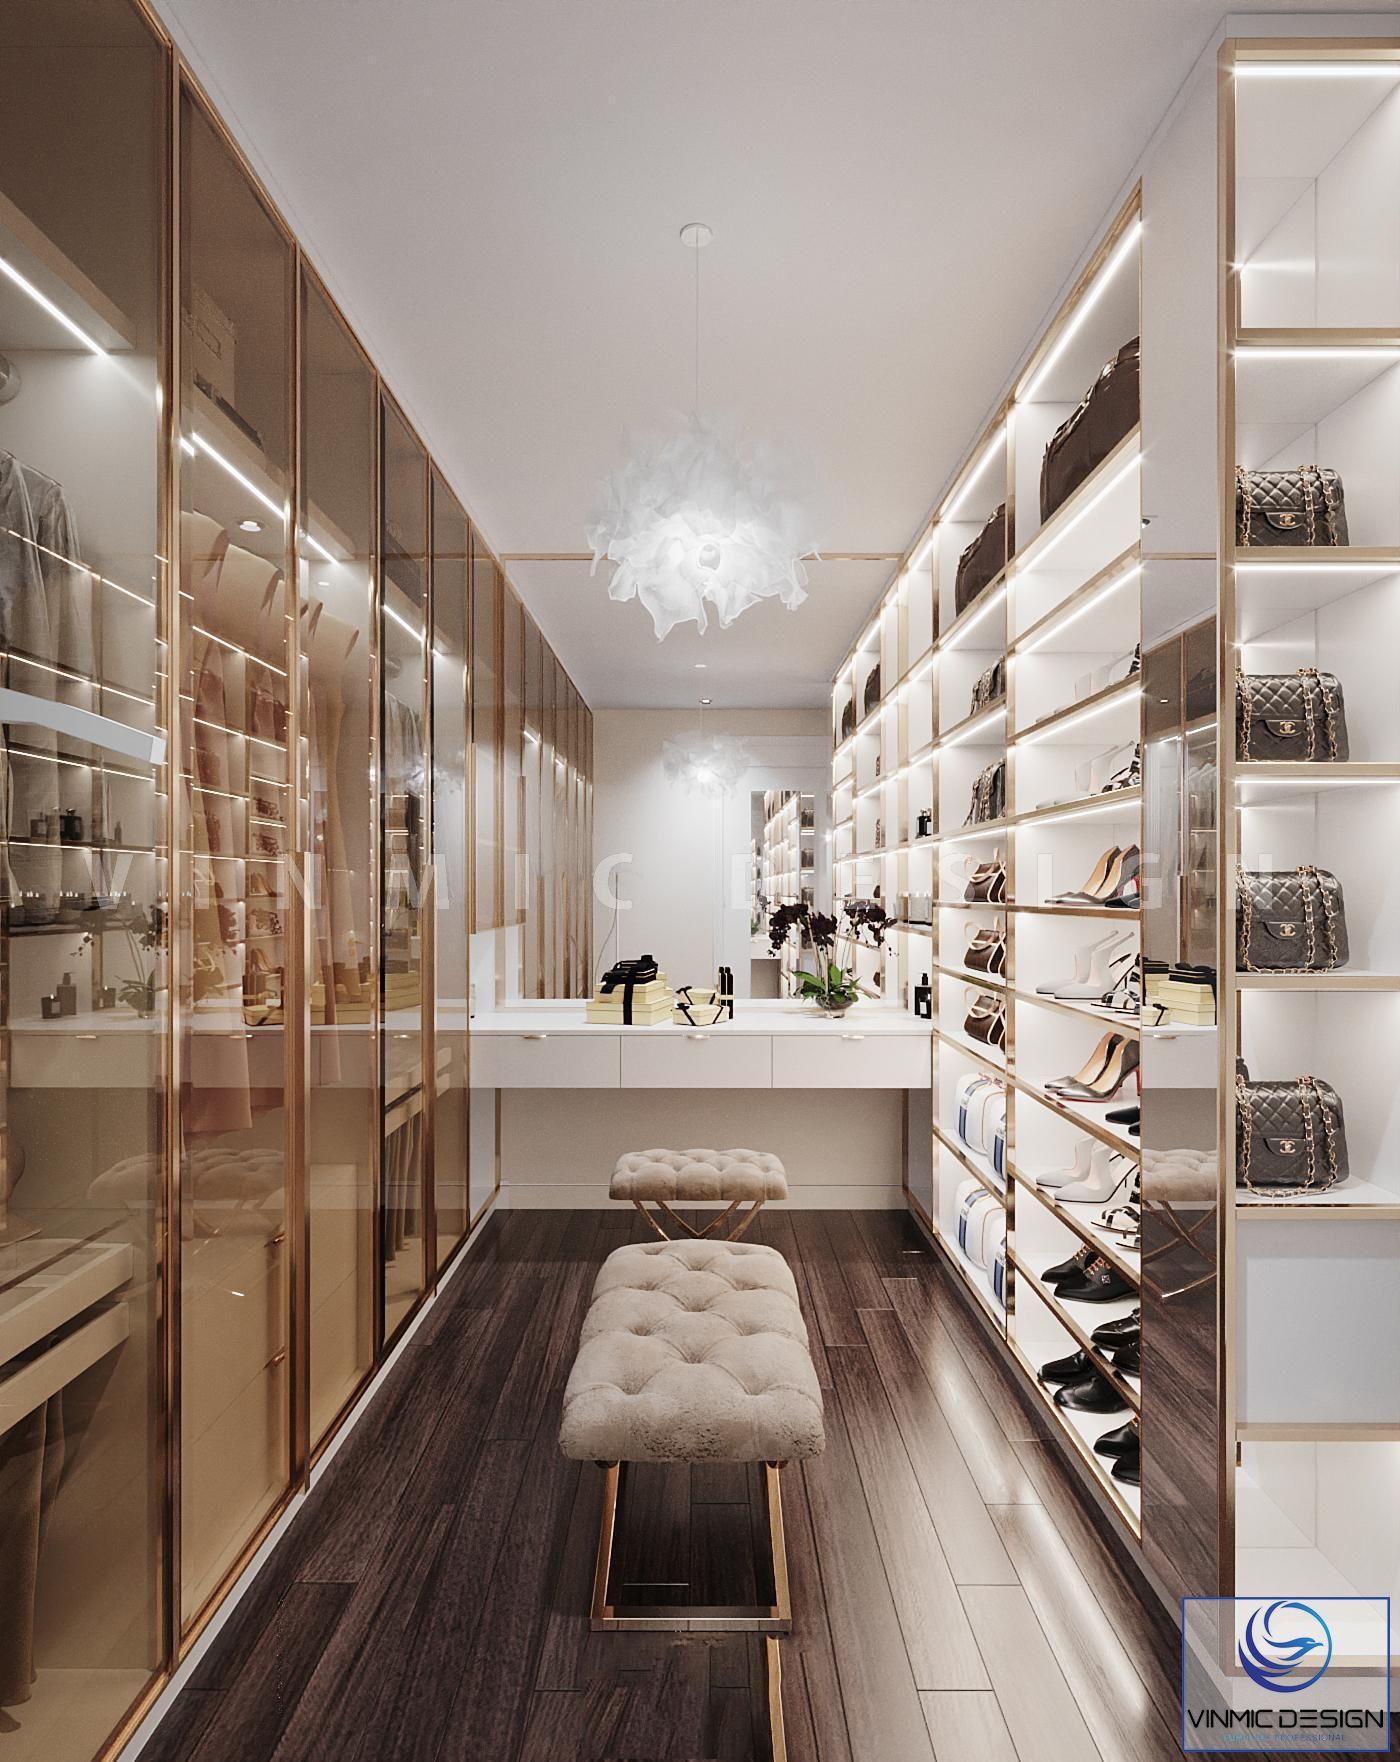 Thiết kế tủ giày kết hợp phòng thay đồ tiện ích